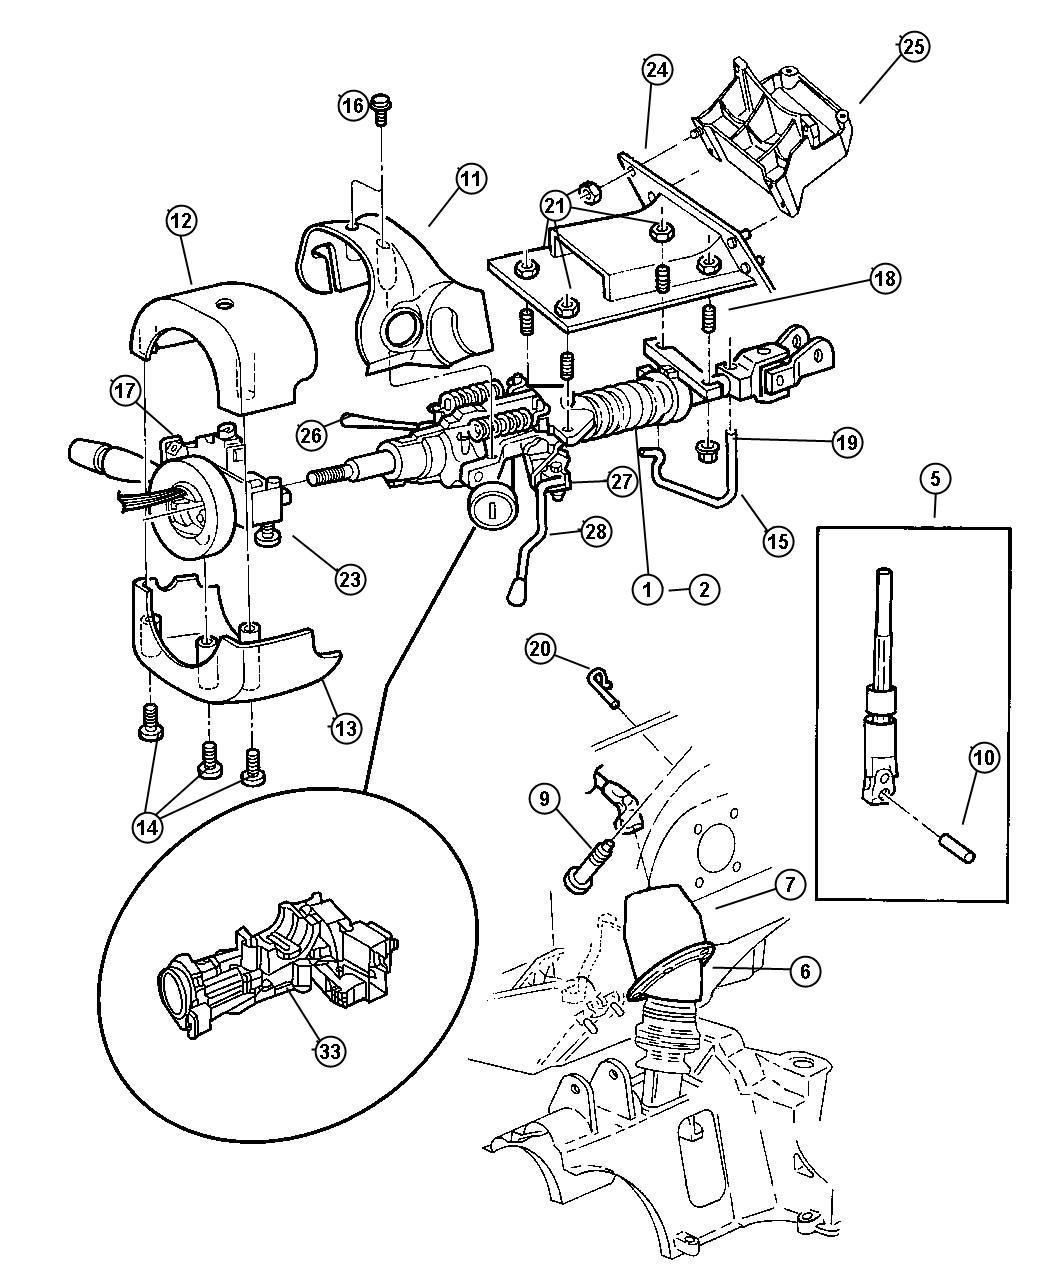 Chrysler Grand Voyager Column Steering Upper And Lower